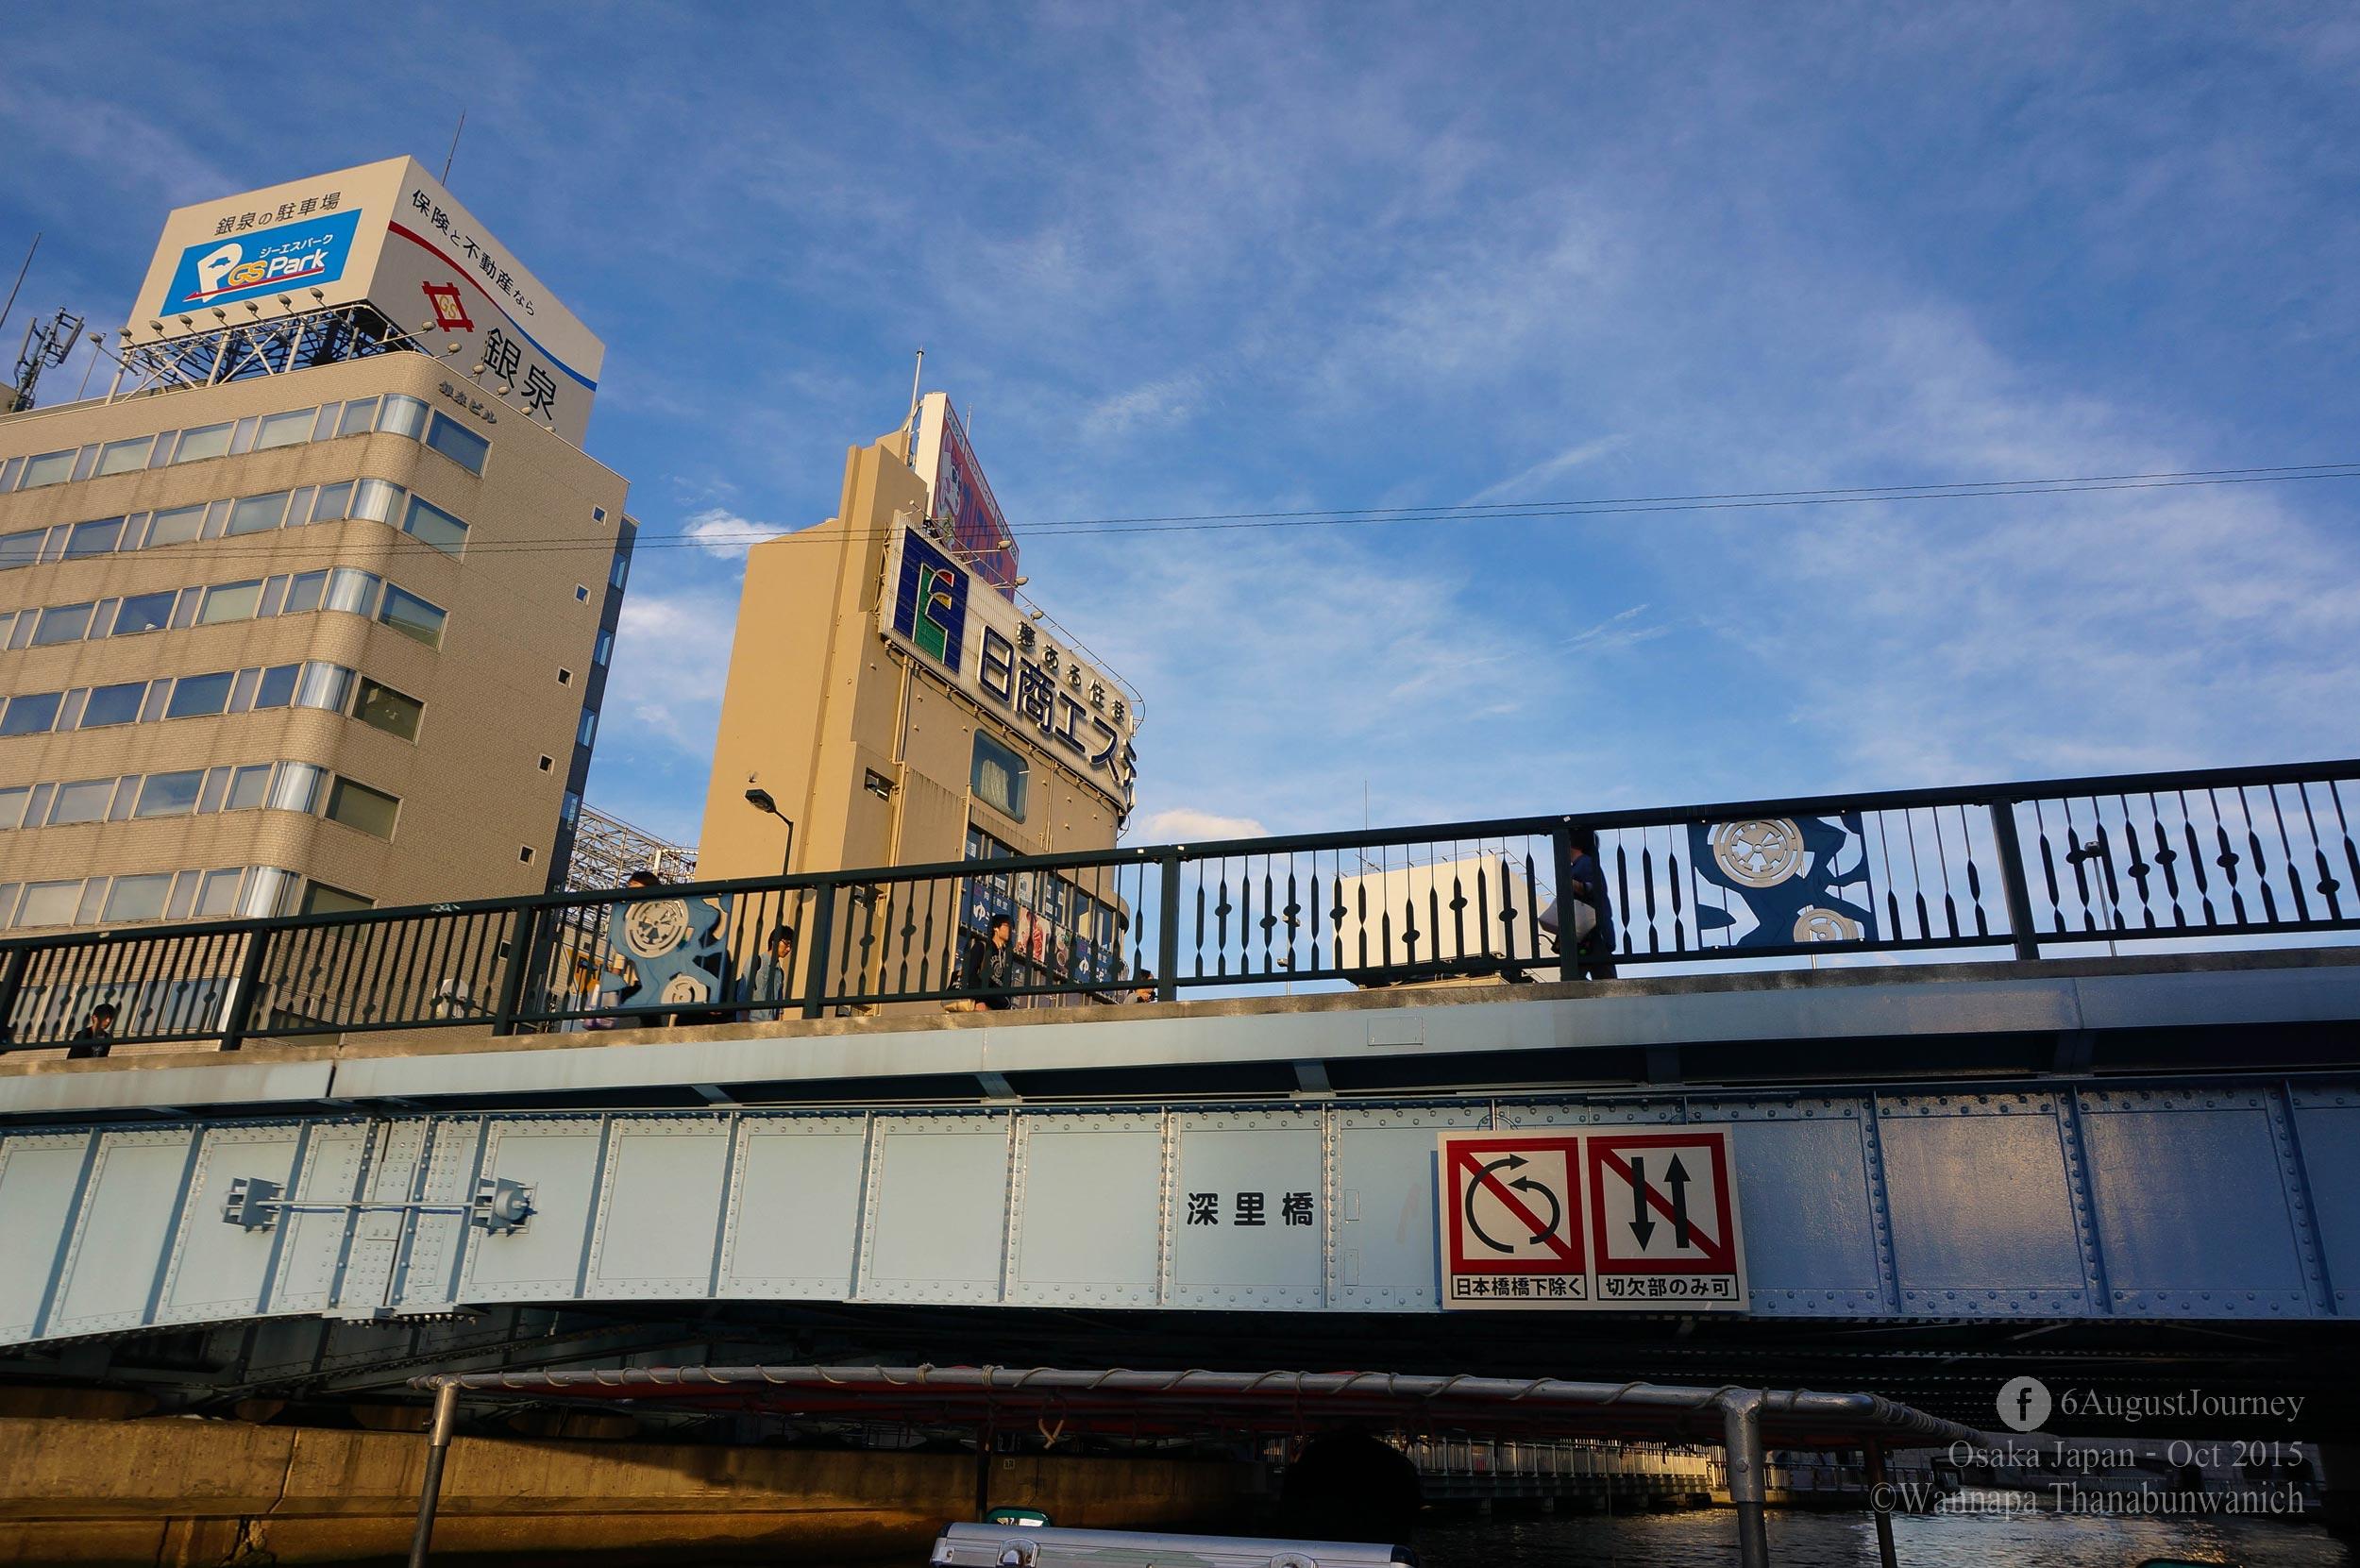 มีคนคอยโบกมือให้ตลอดทุกสะพานค่ะ